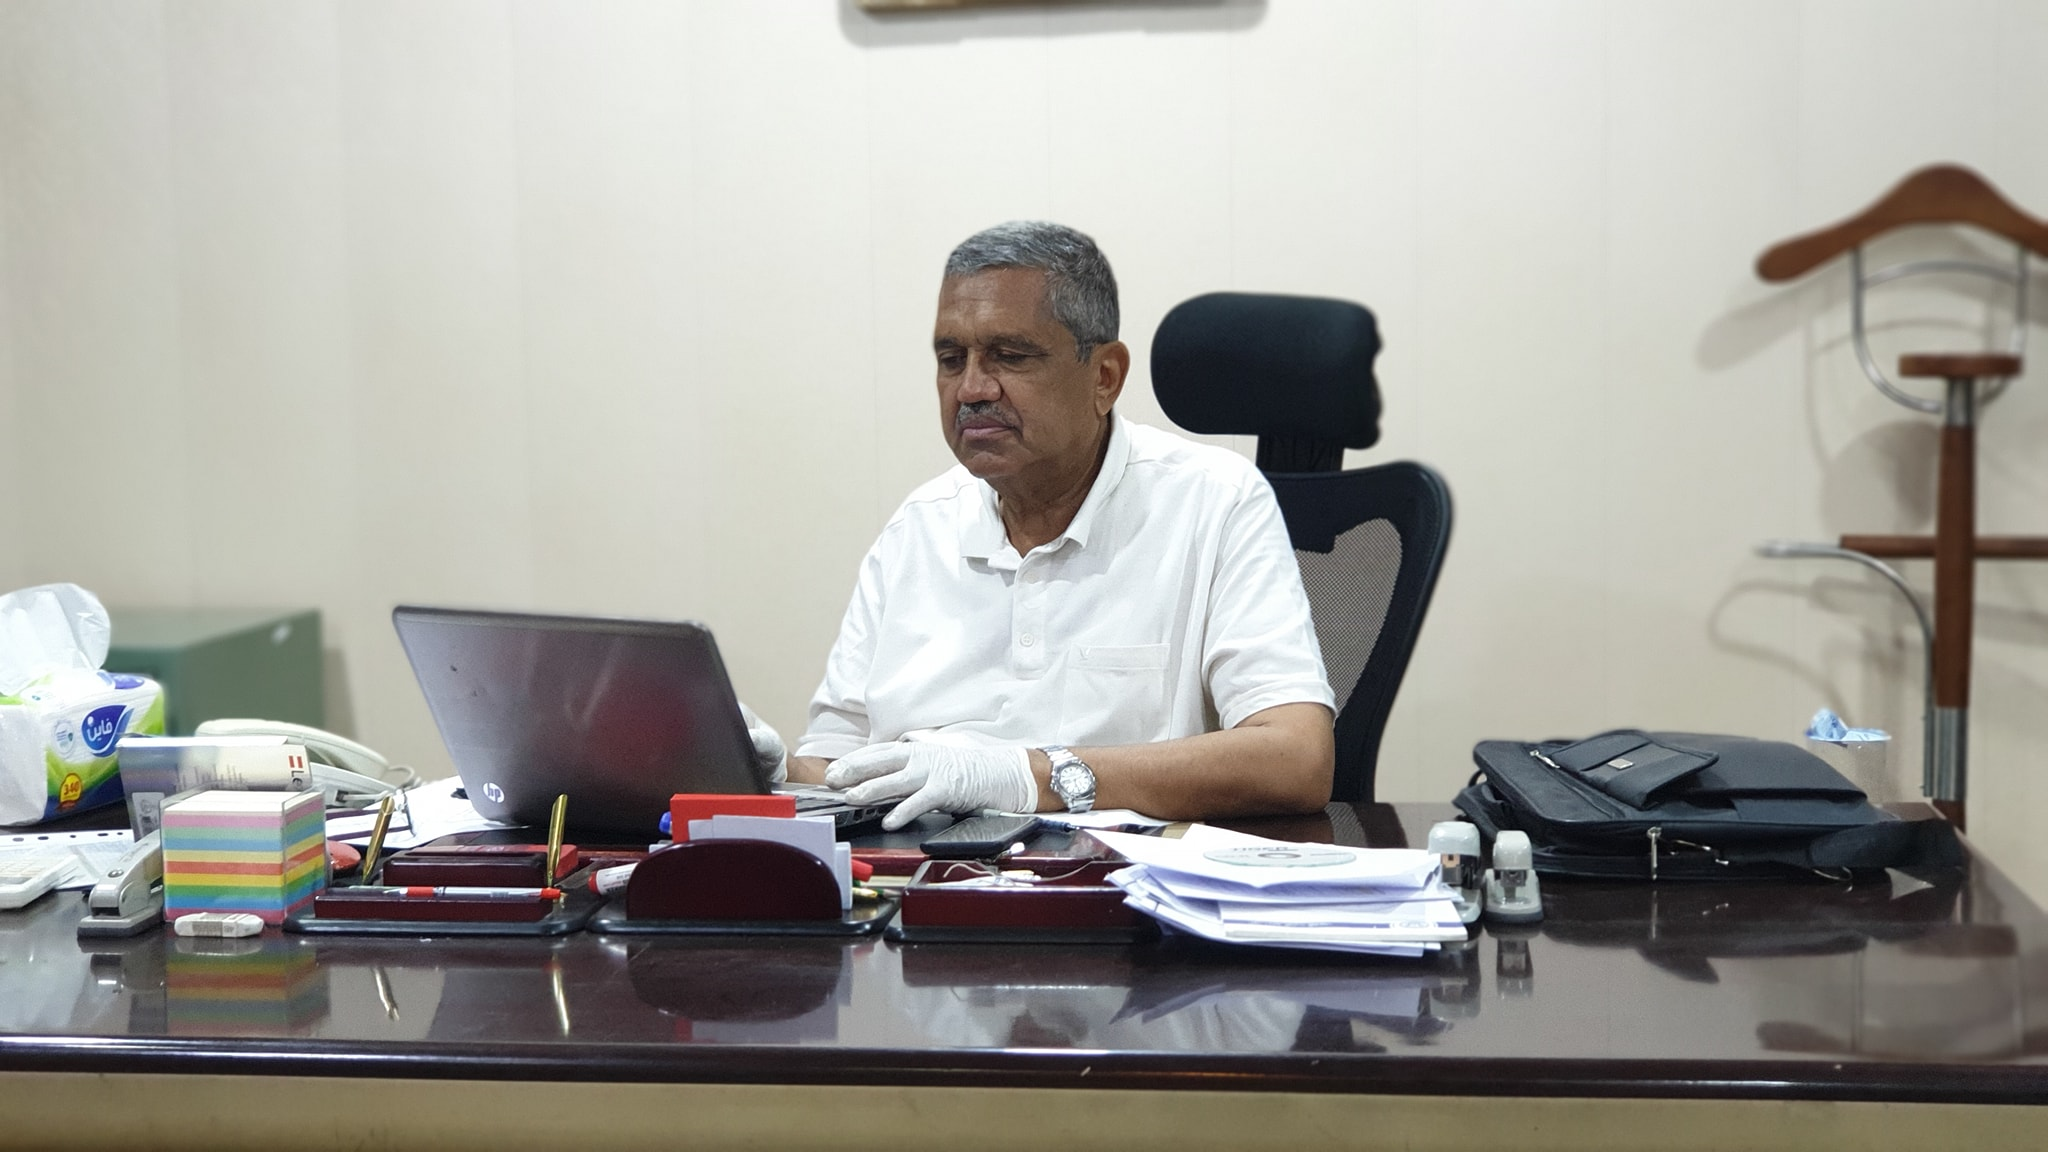 تكليف ا.د محمد عبود رئيسا لقسم إدارة الأعمال